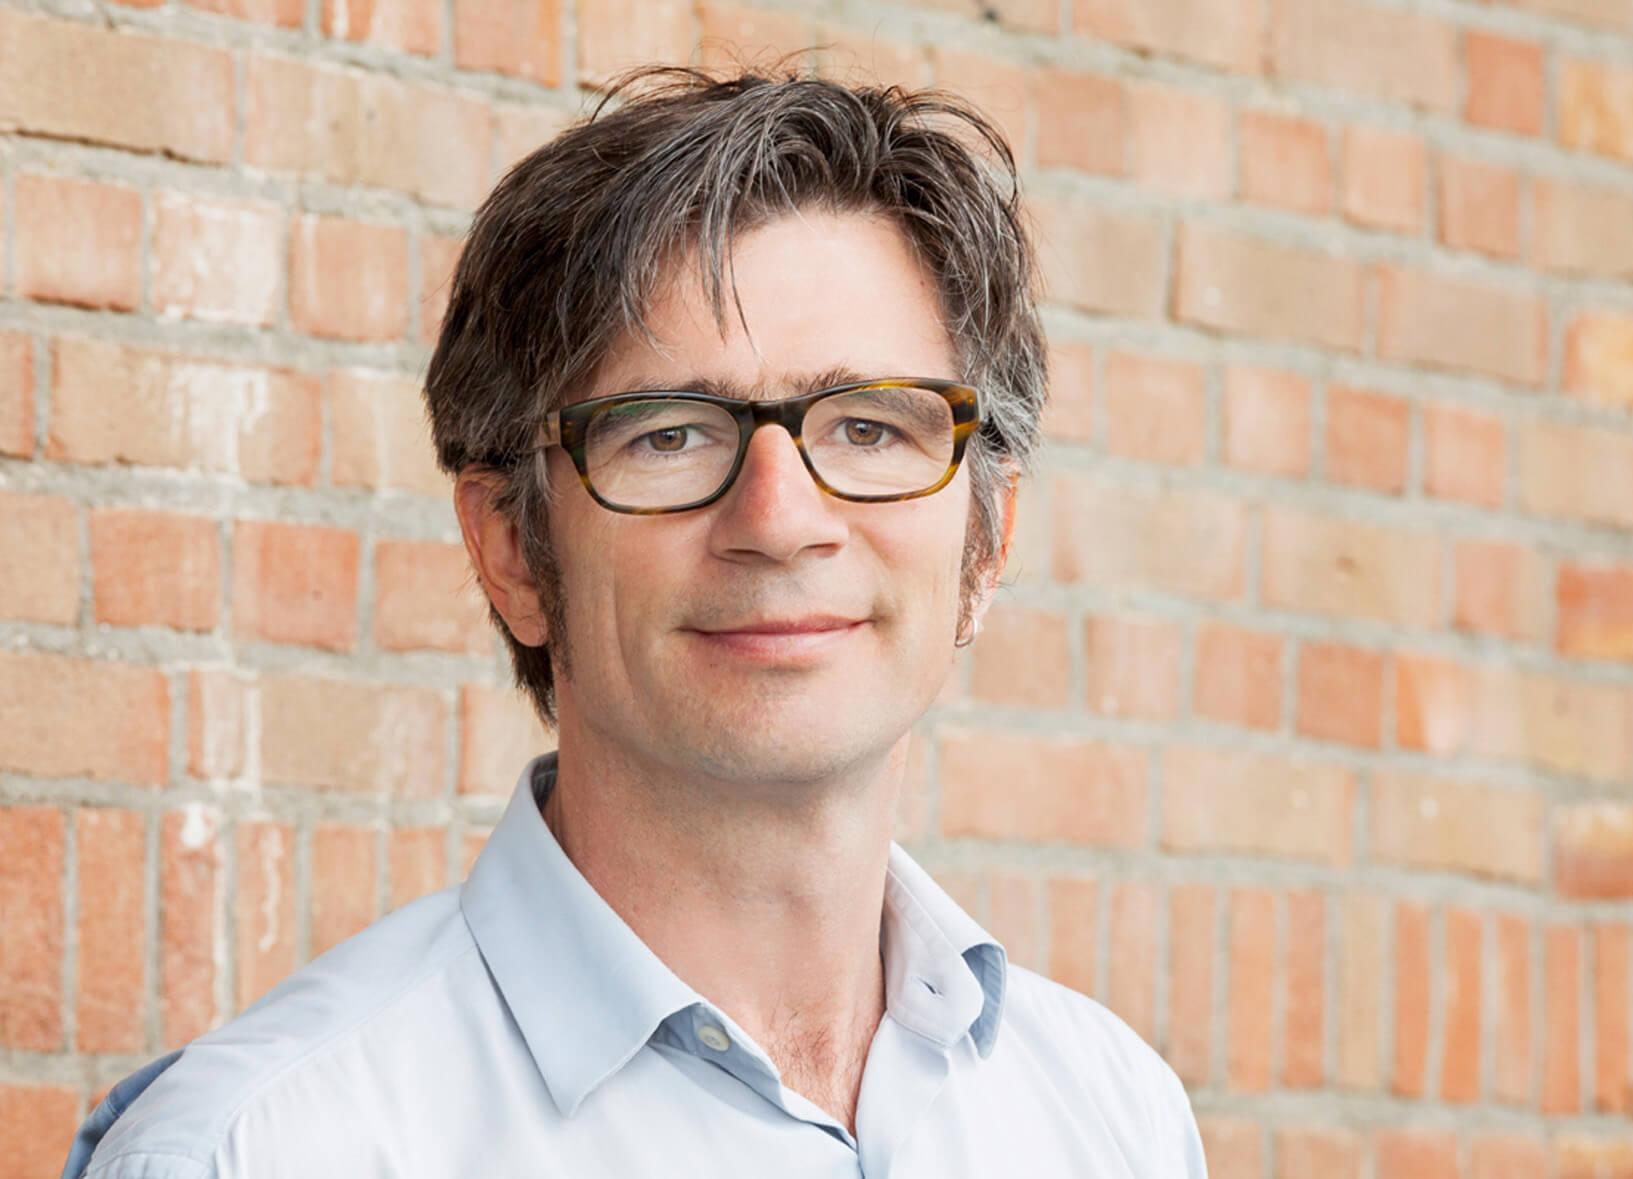 Tjeerd Wessel